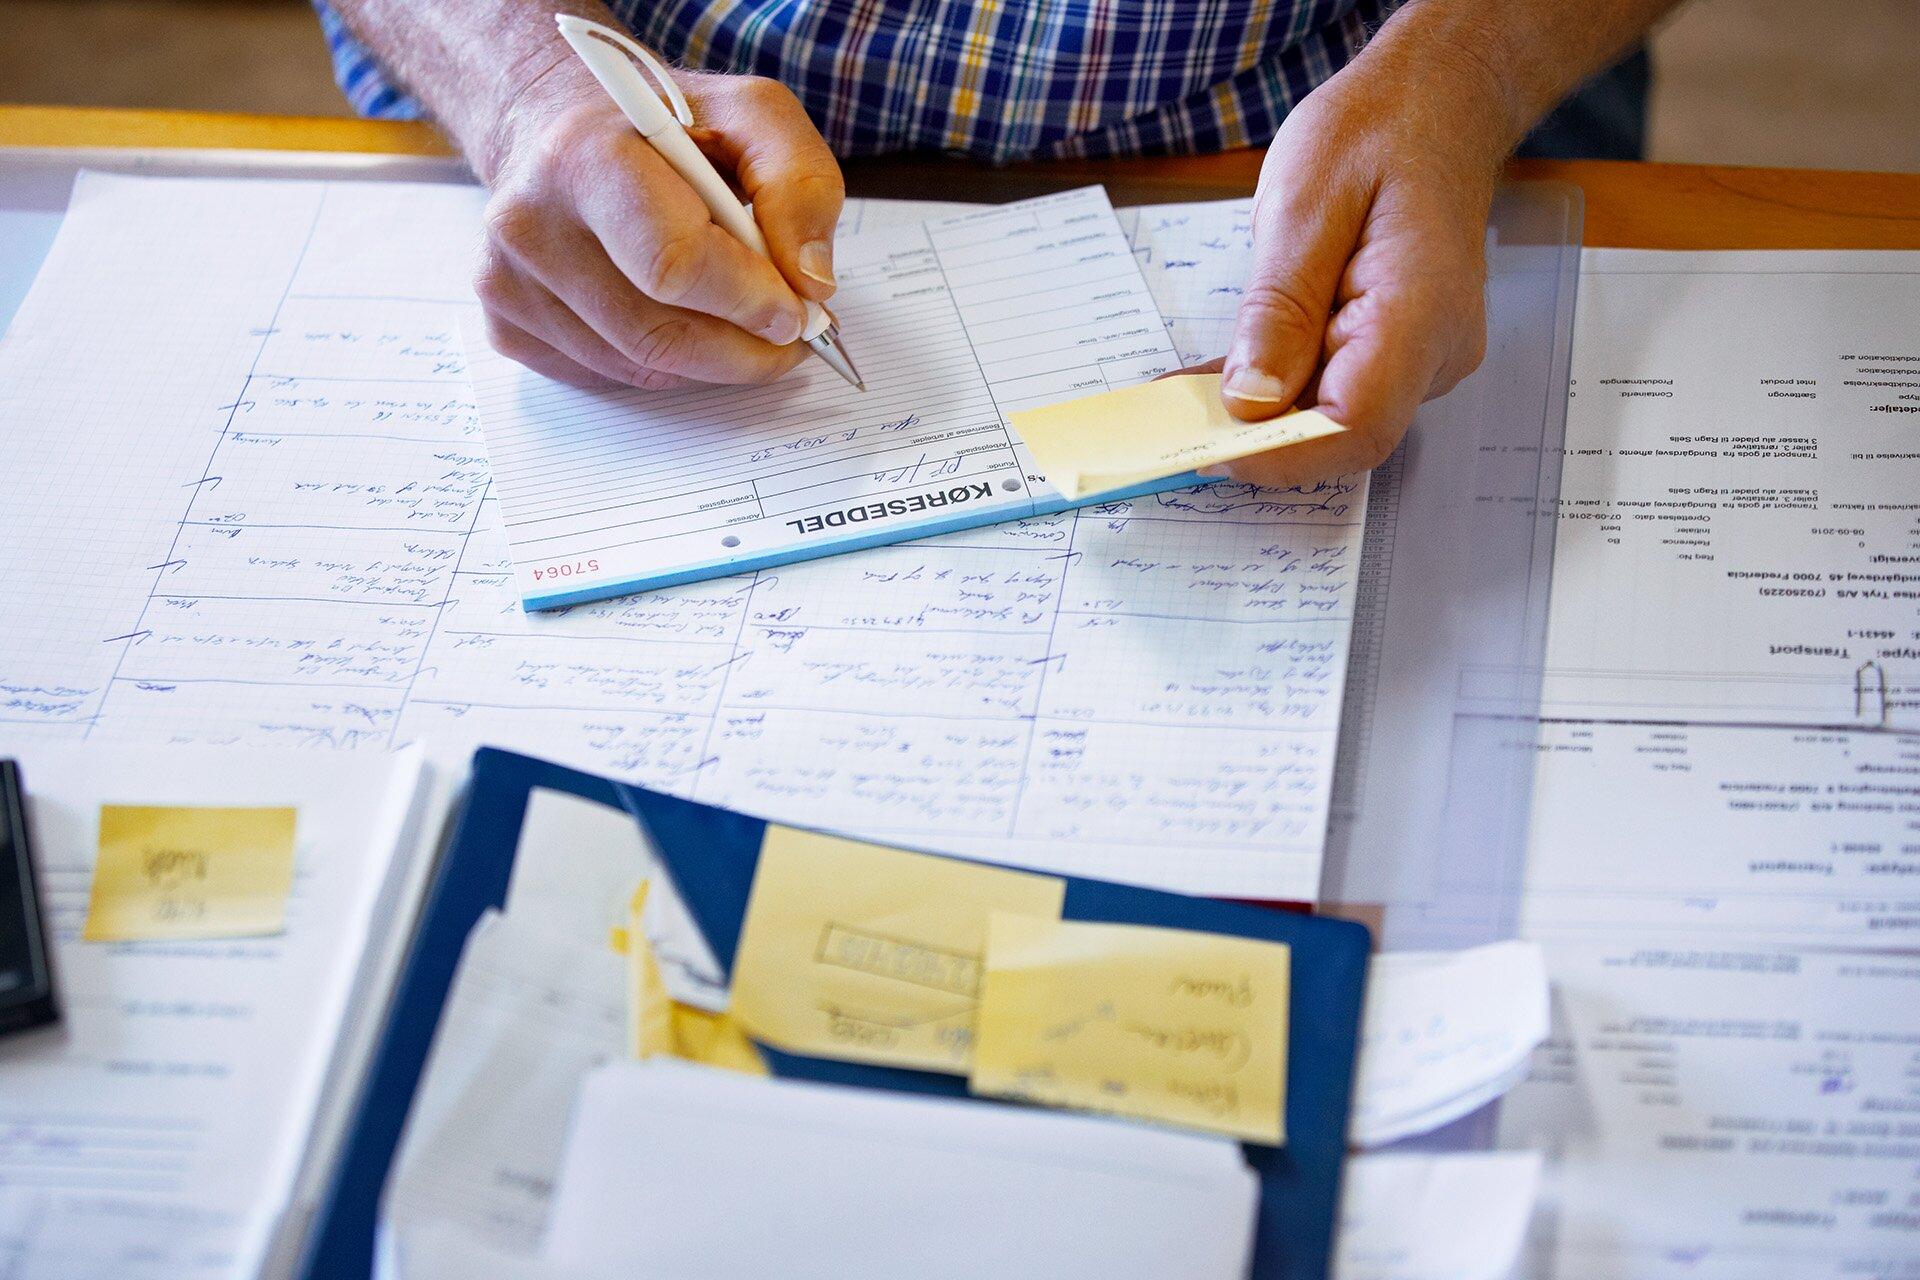 Где получить справку о правоустанавливающих документах на квартиру